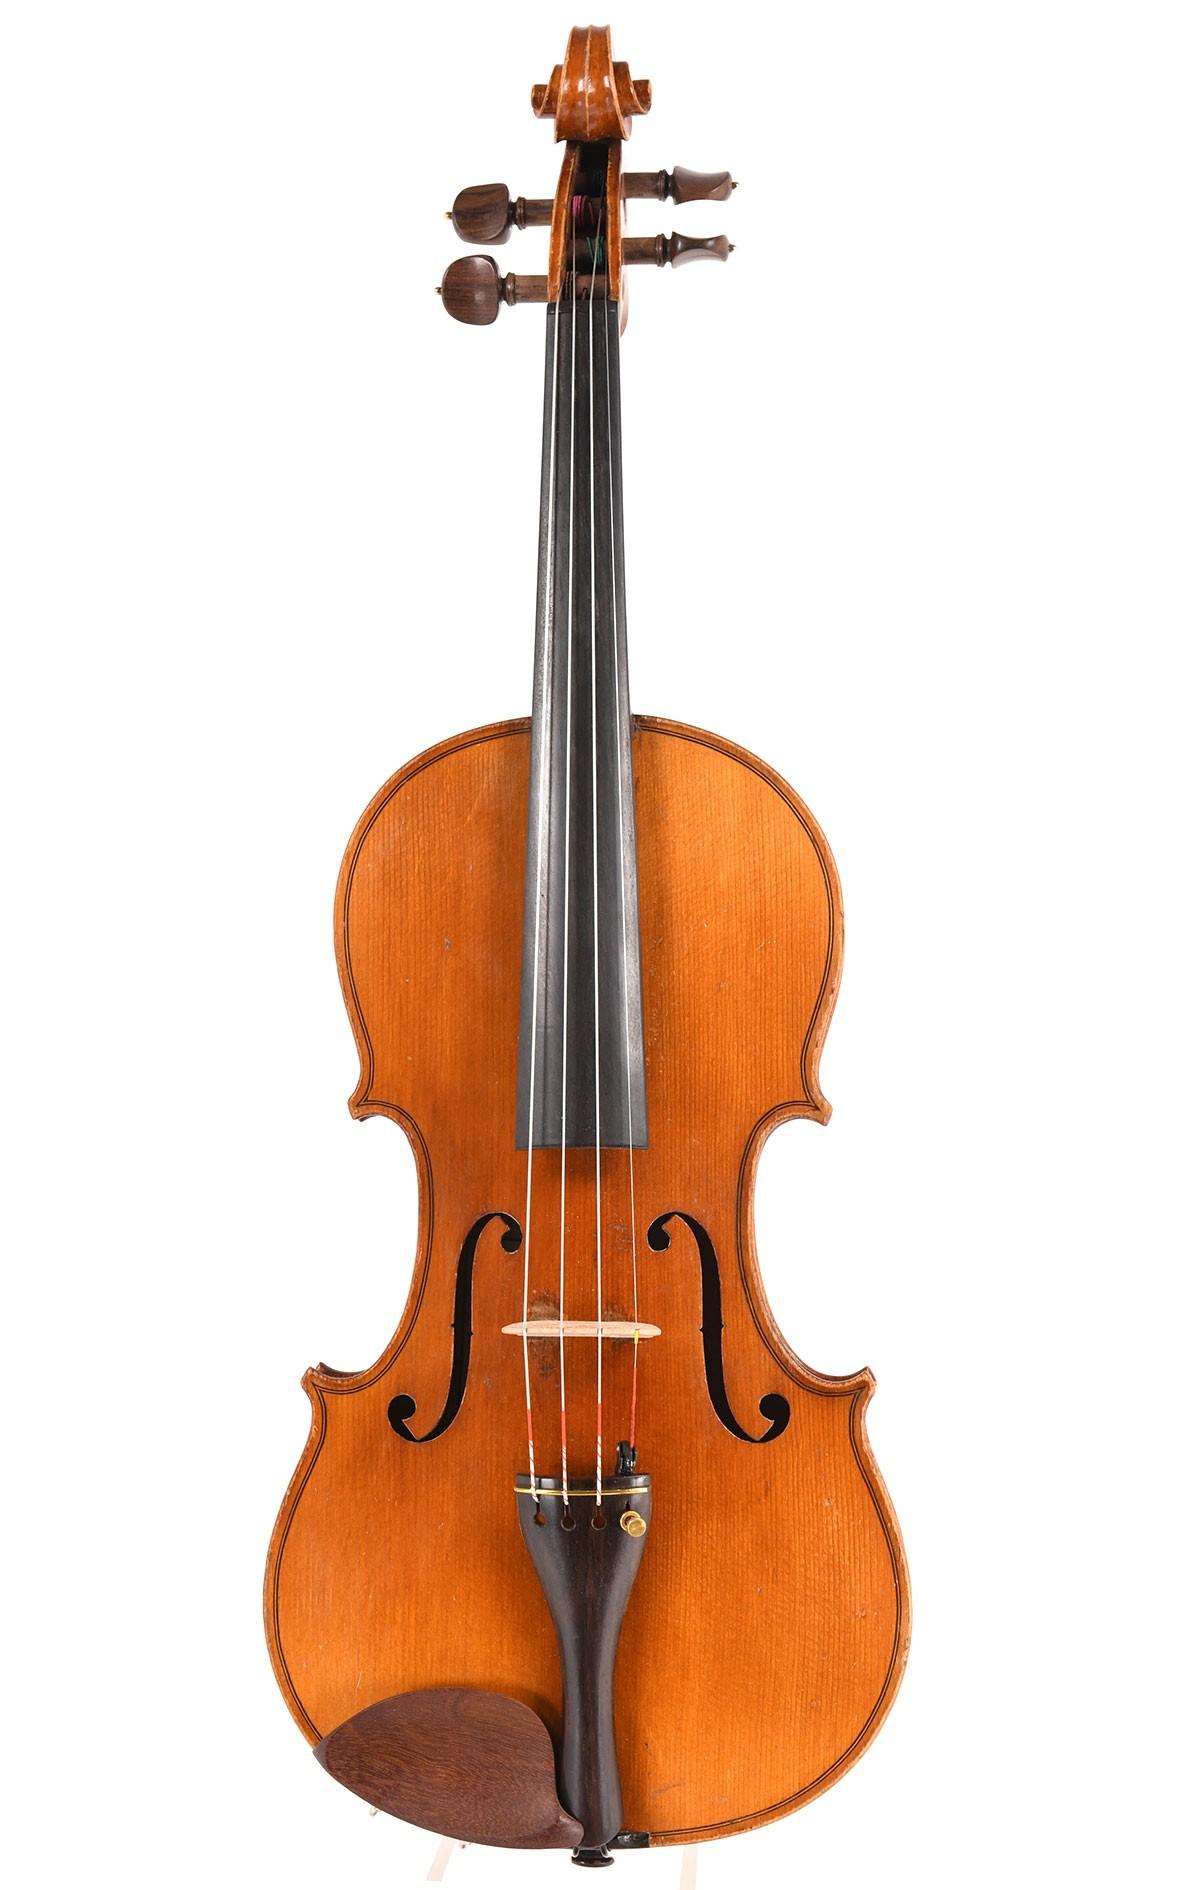 Violon d'orchestre allemand de Mittenwald